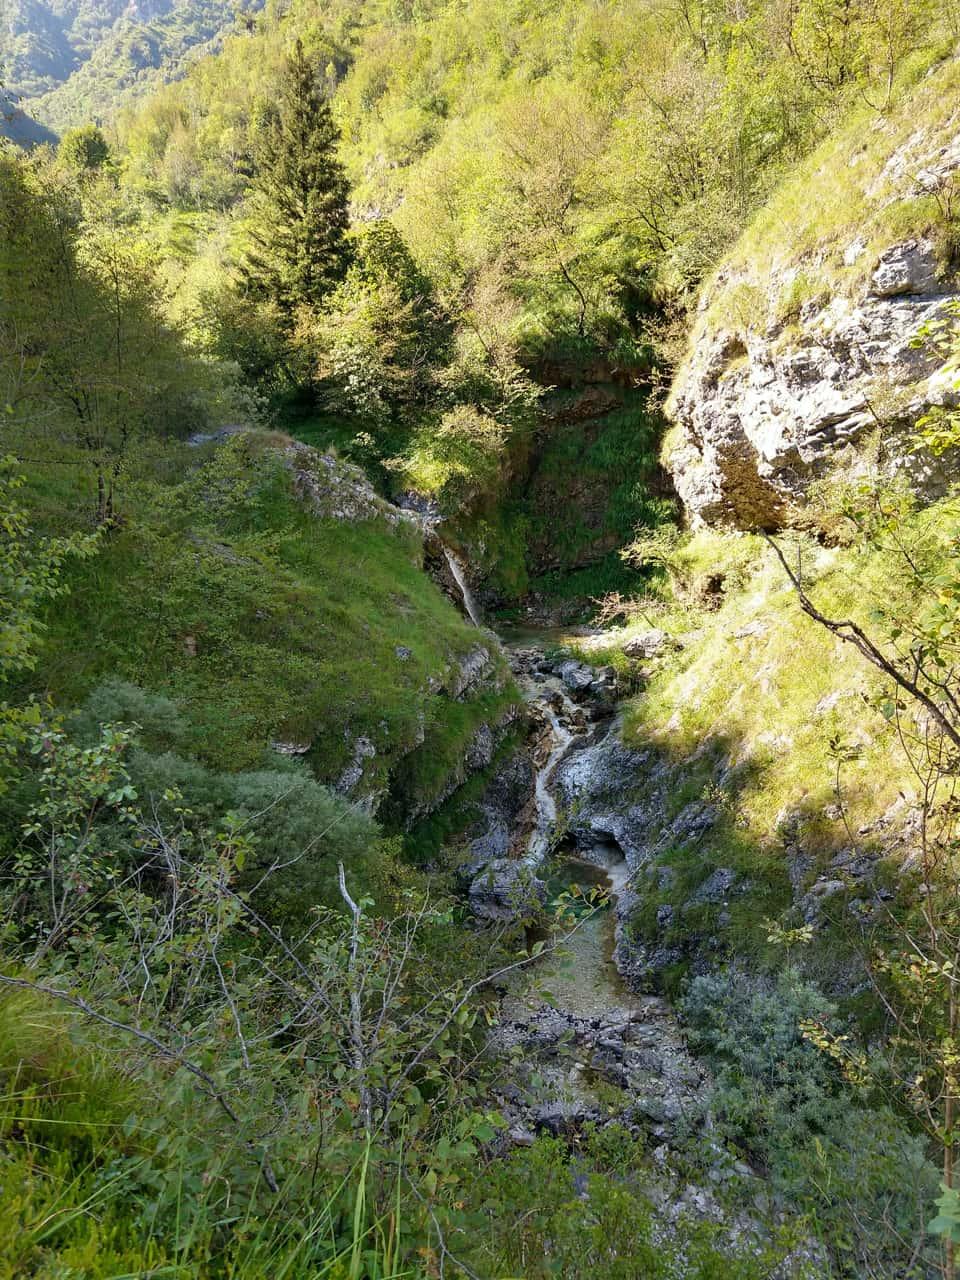 Lo splendido torrente Lembrio e la sua valle rappresentano un luogo di ristoro e relax per gli abitanti della Valle Trompia.